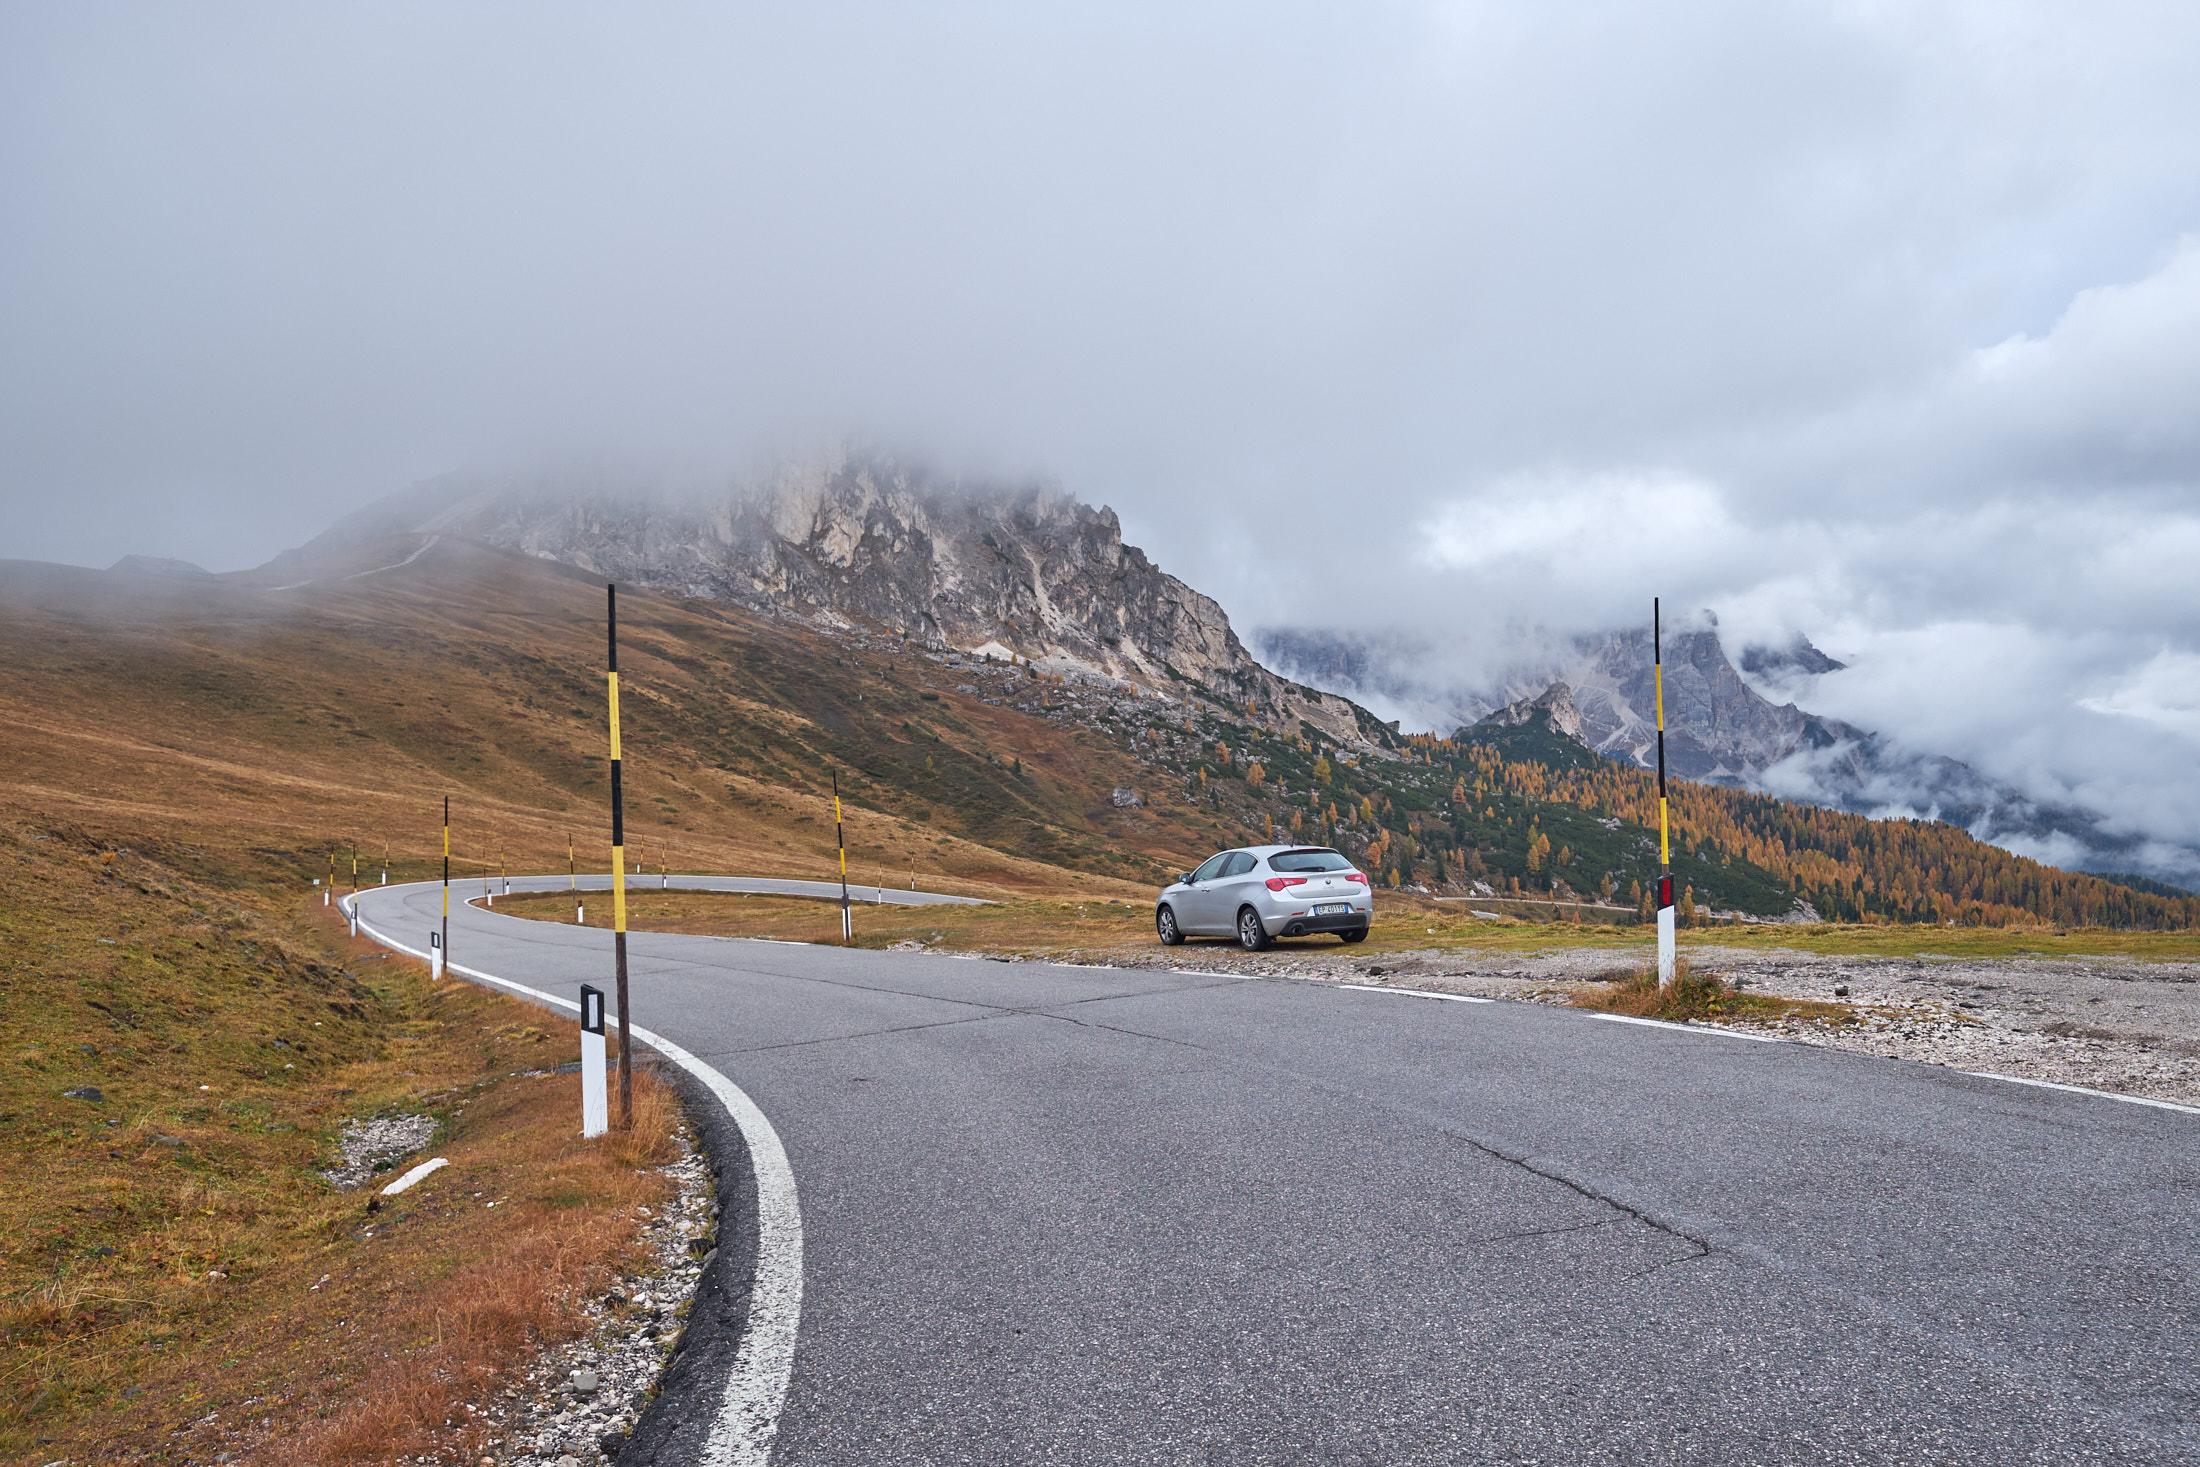 Доломитовые Альпы. Перевал Джау. 2019.